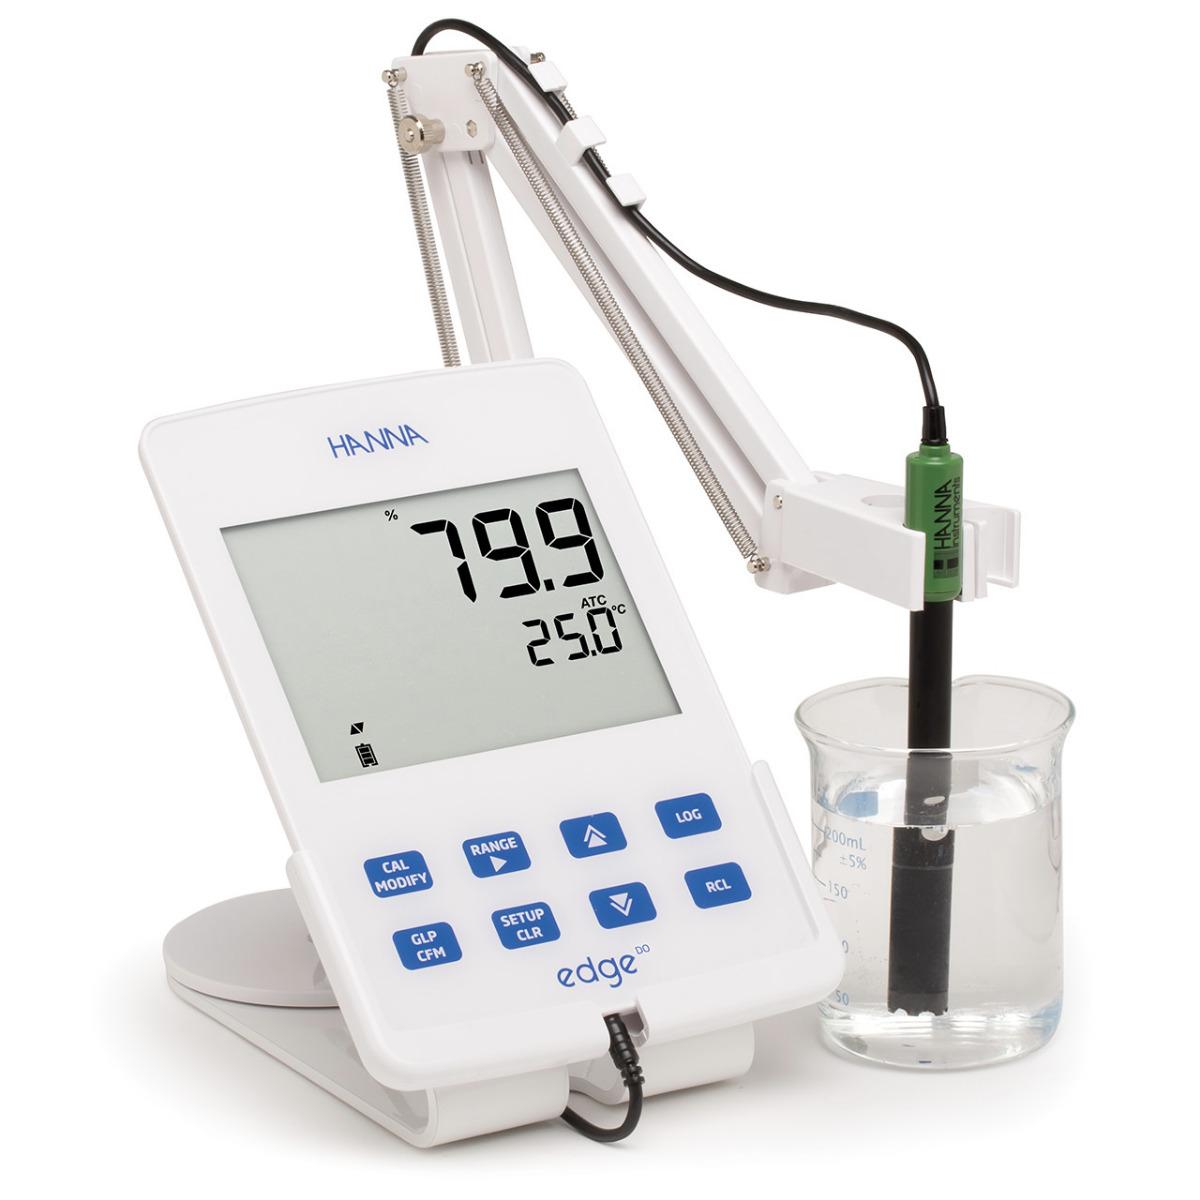 HI2004 - edge® Misuratore Ossigeno Disciolto